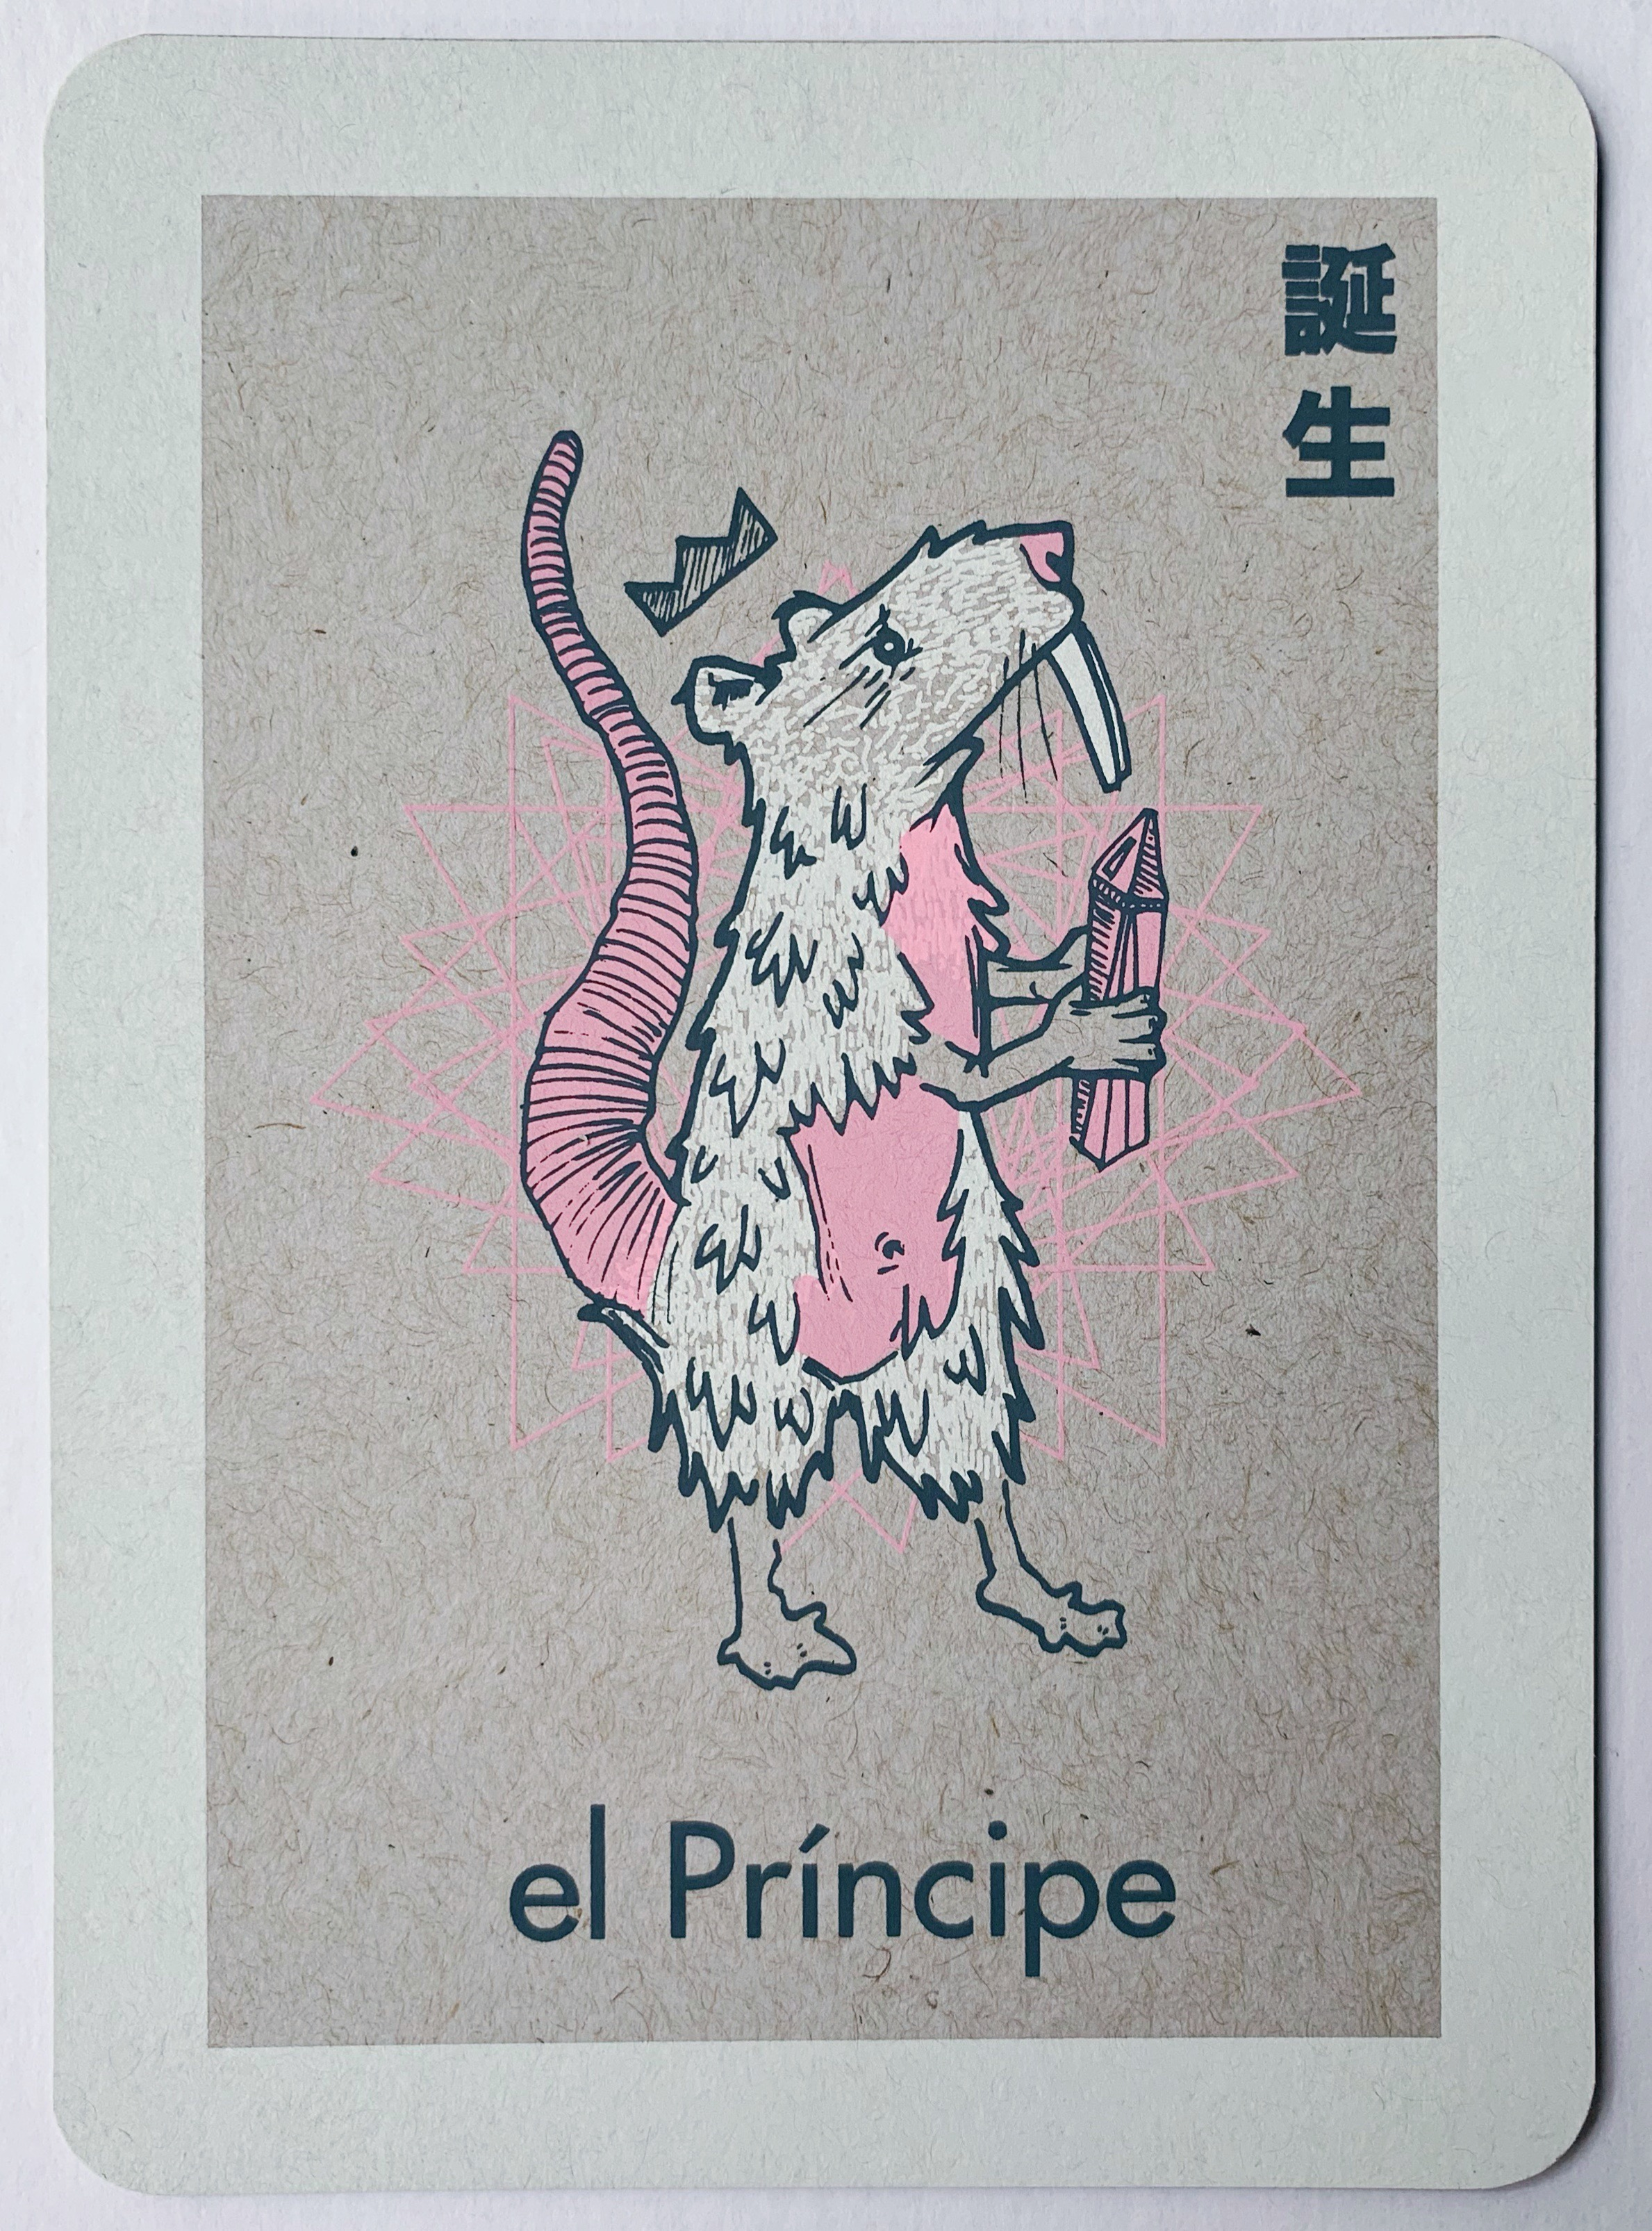 el Principe, serigraphy, 2017